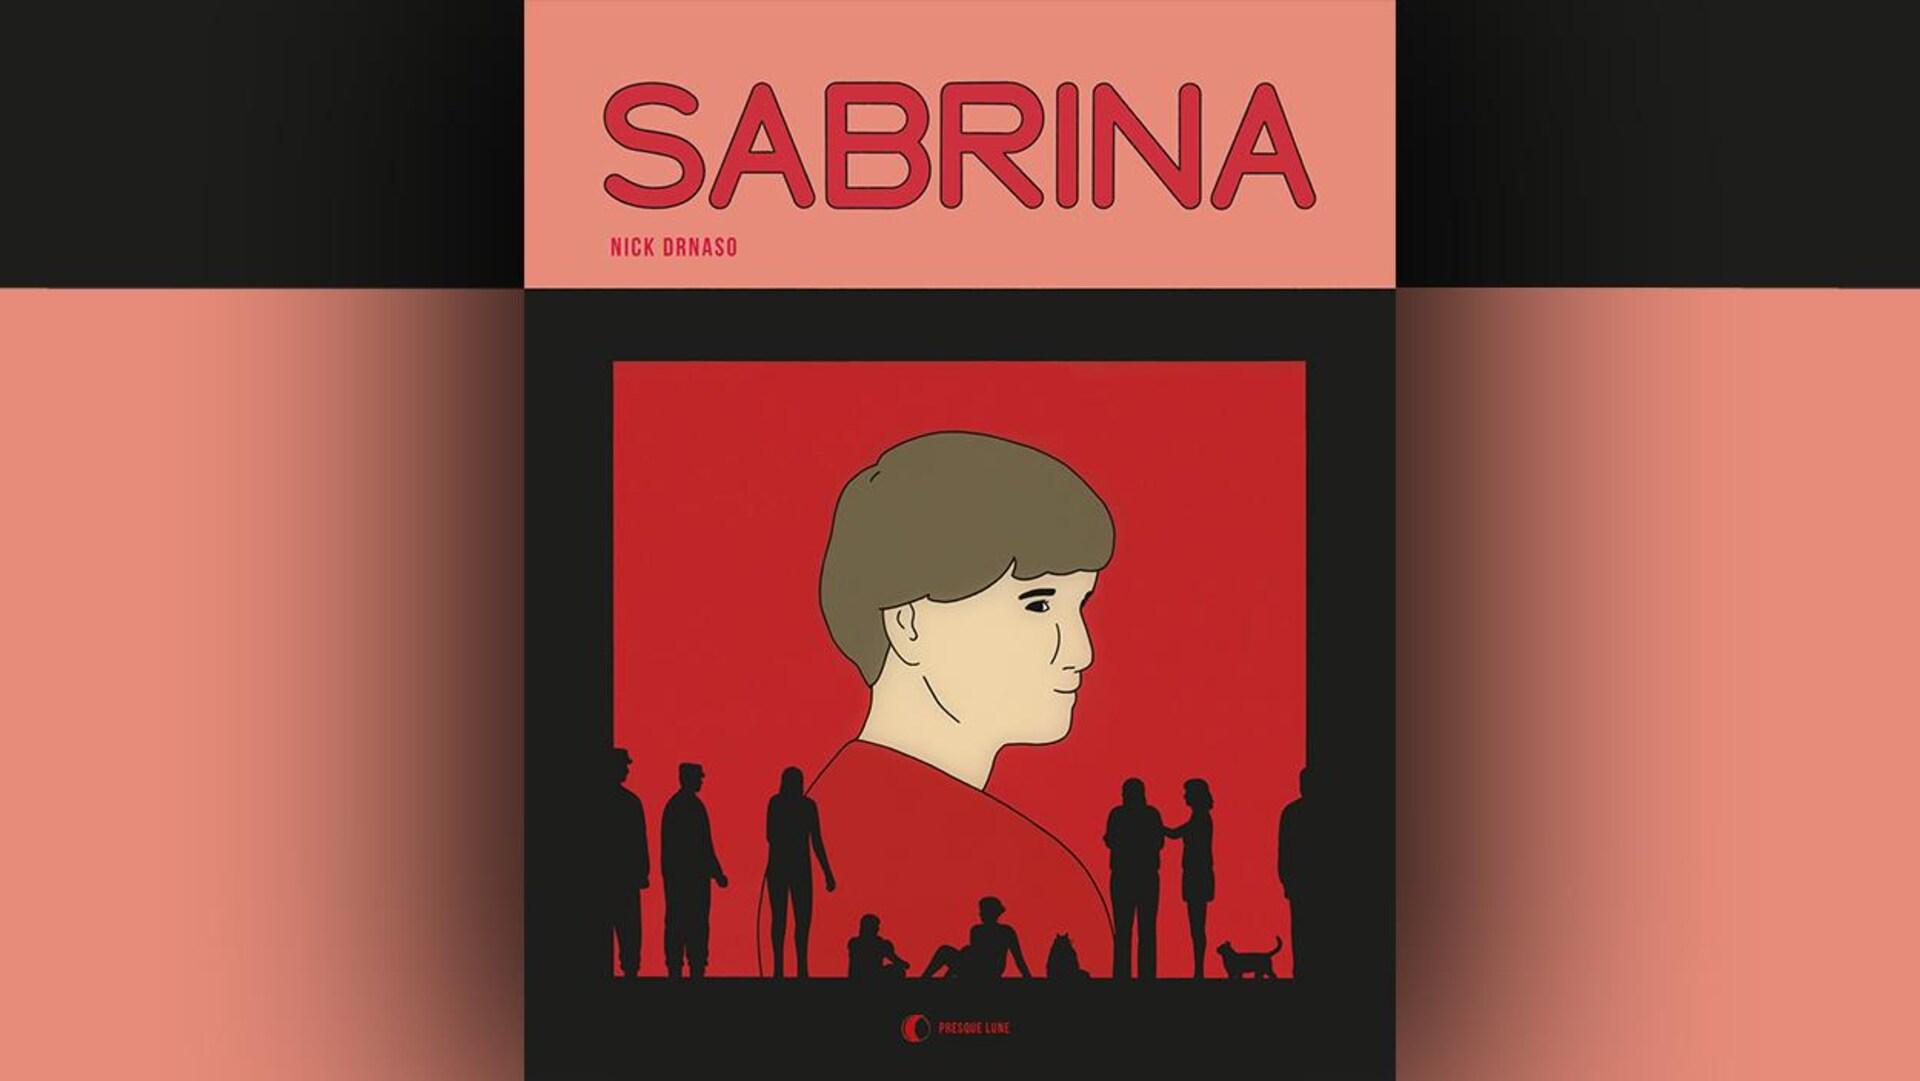 La couverture du livre  Sabrina  de Nick Drnaso représente sur fond rouge un personnage de trois quarts, de dos, sur fond rouge, et des silhouettes noires de personnages et de chats debout ou assis.